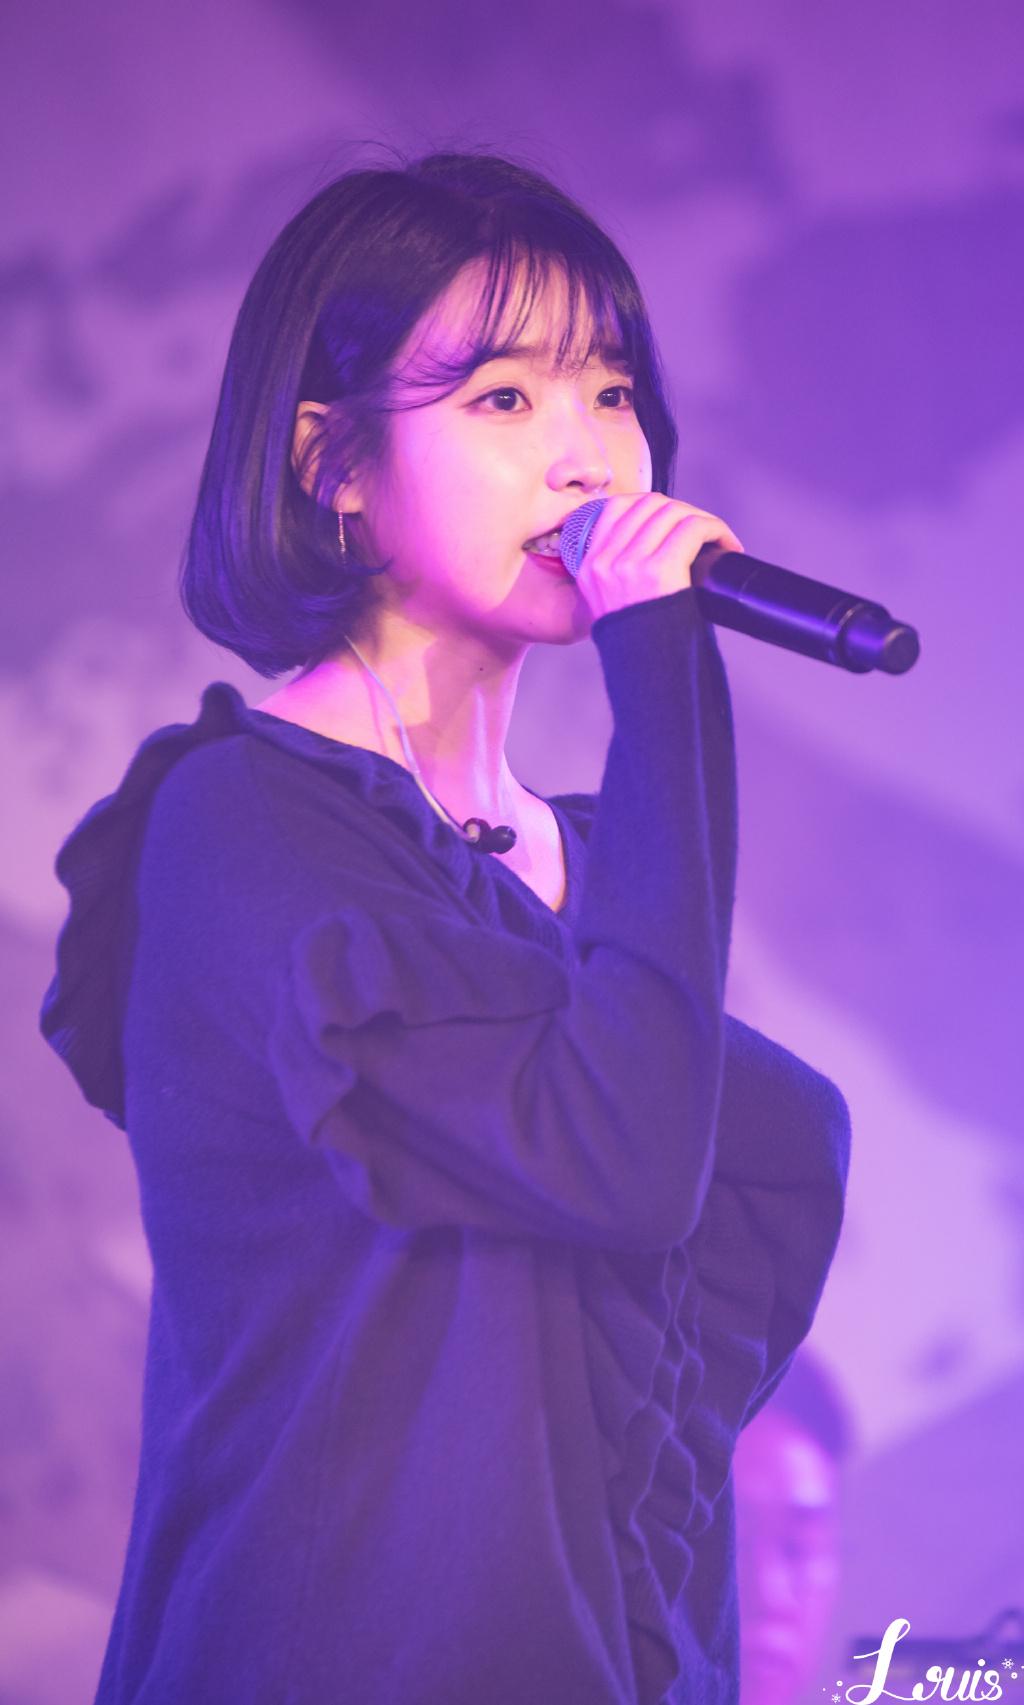 [iu][分享]161210 iu助阵任瑟雍solo演唱会 甜蜜再演绎《唠叨》图片